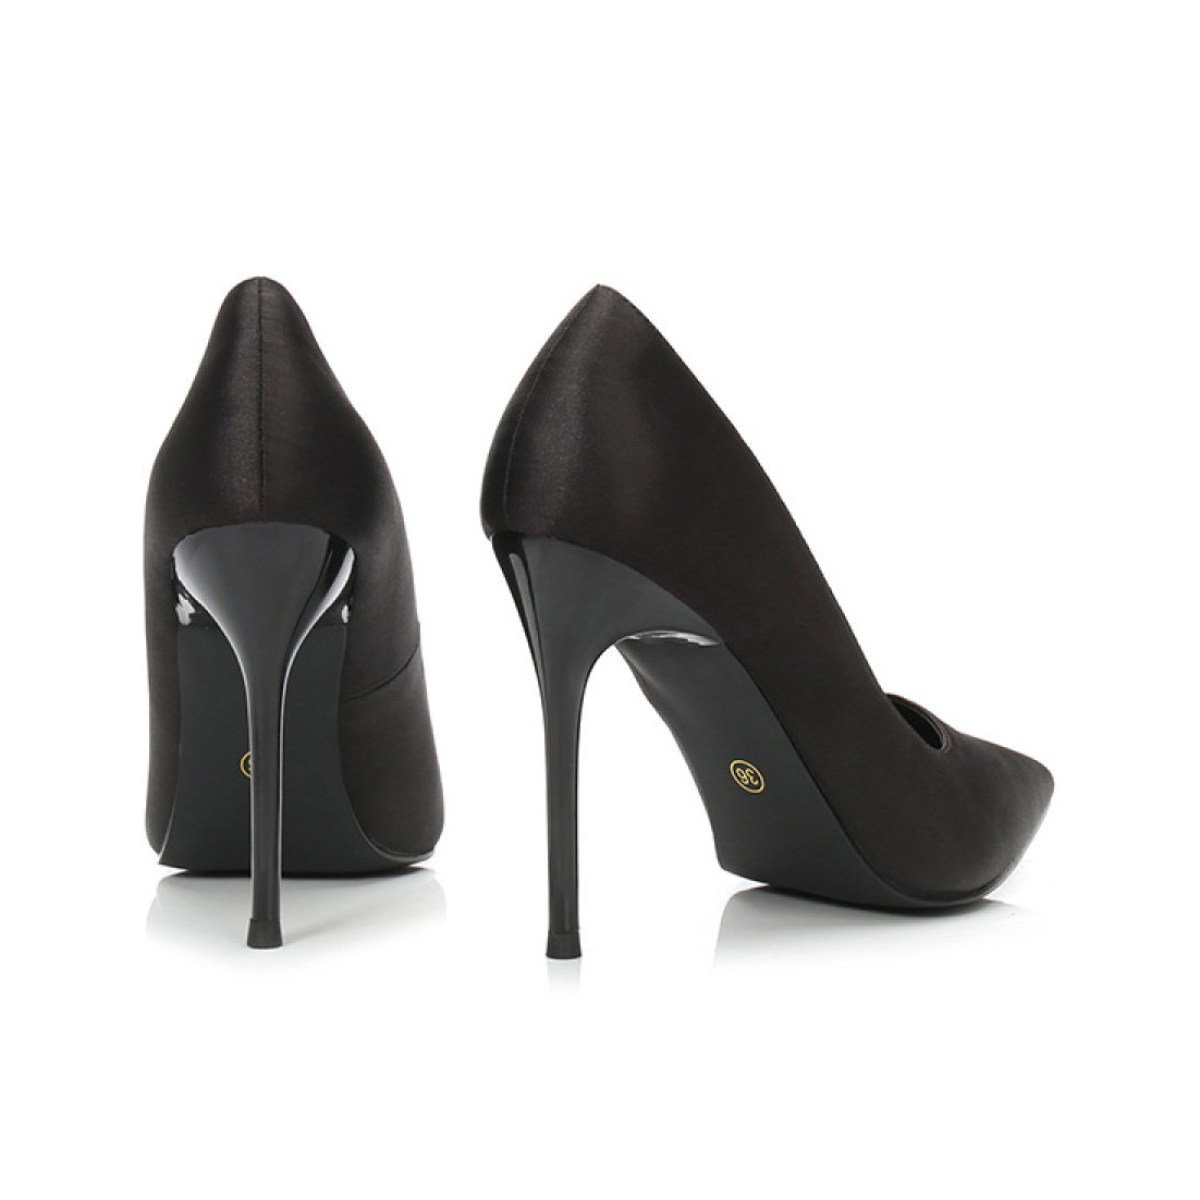 Frauen Beruf Arbeit Schuhe High Heels Sexy Pumps Damen Klassische Klassische Klassische BLack Spitz Schuhe cfb6e3